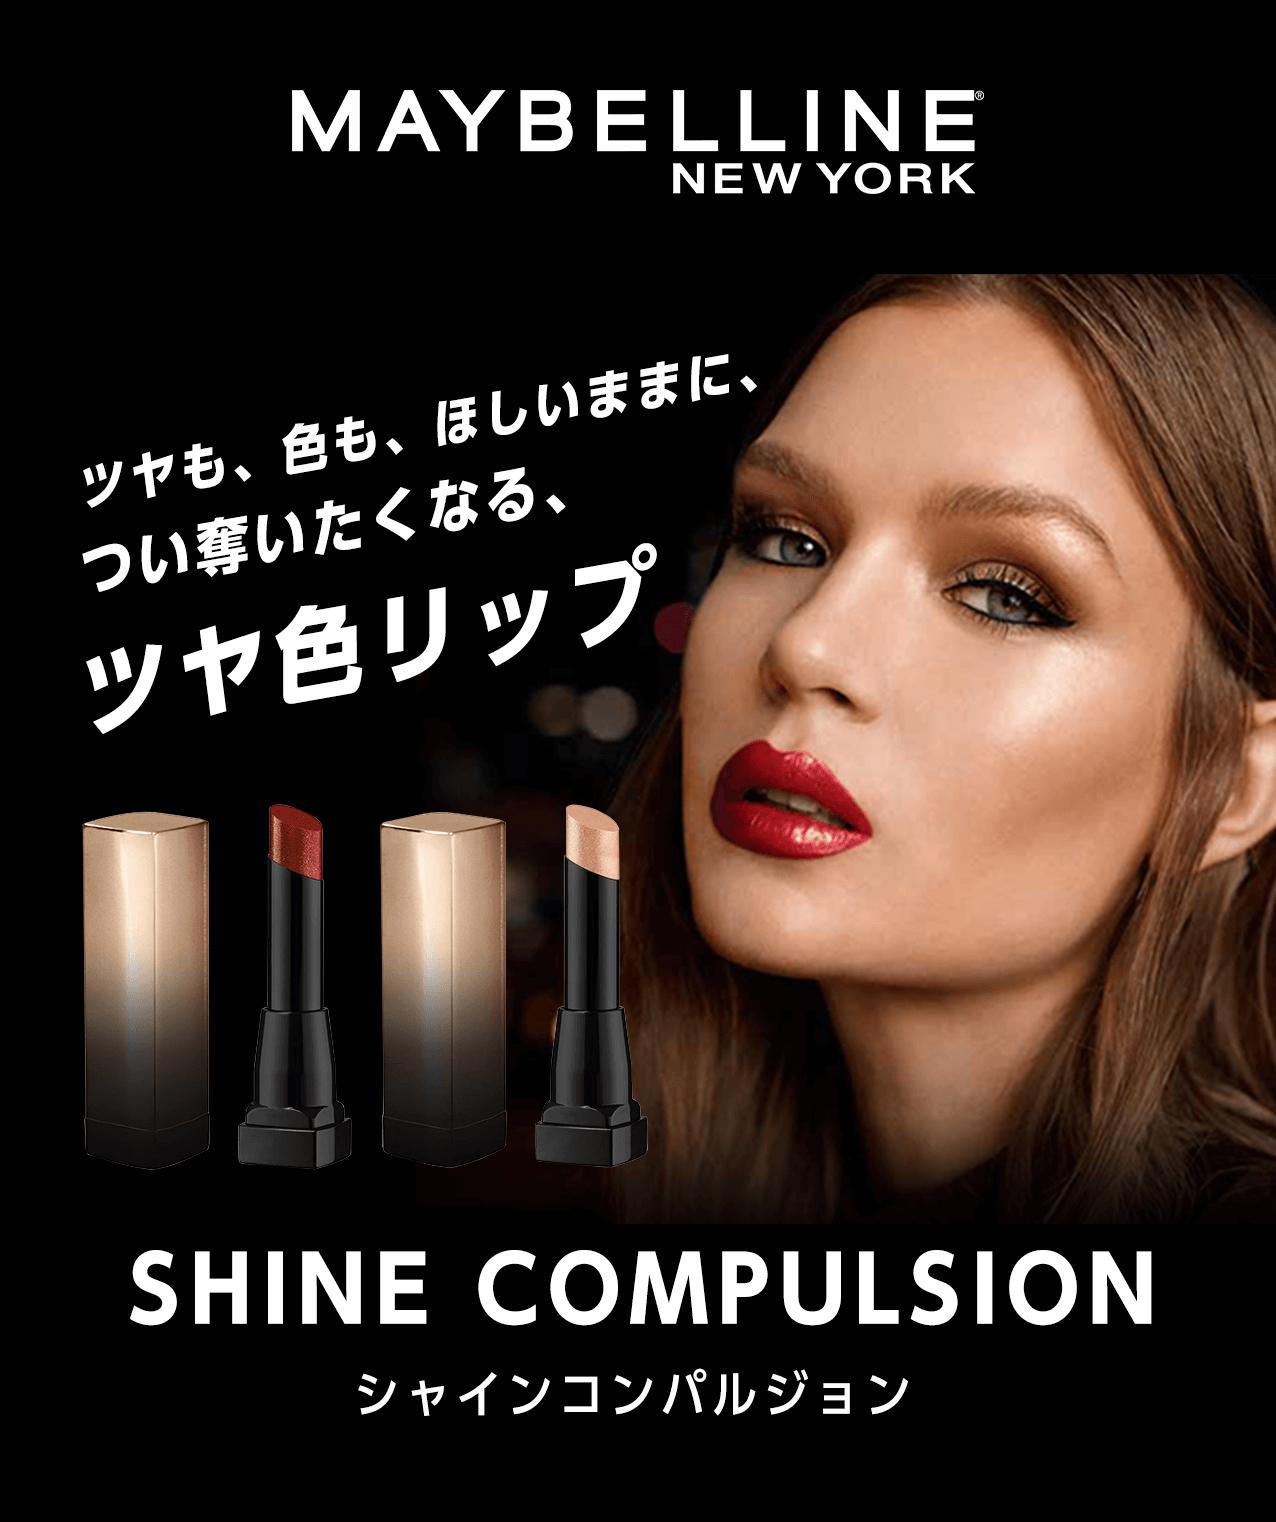 MAYBELLINE NEW YORK ツヤも、色も、ほしいままに、つい奪いたくなる、ツヤ色リップ Shine Compulsion シャインコンパルジョンs